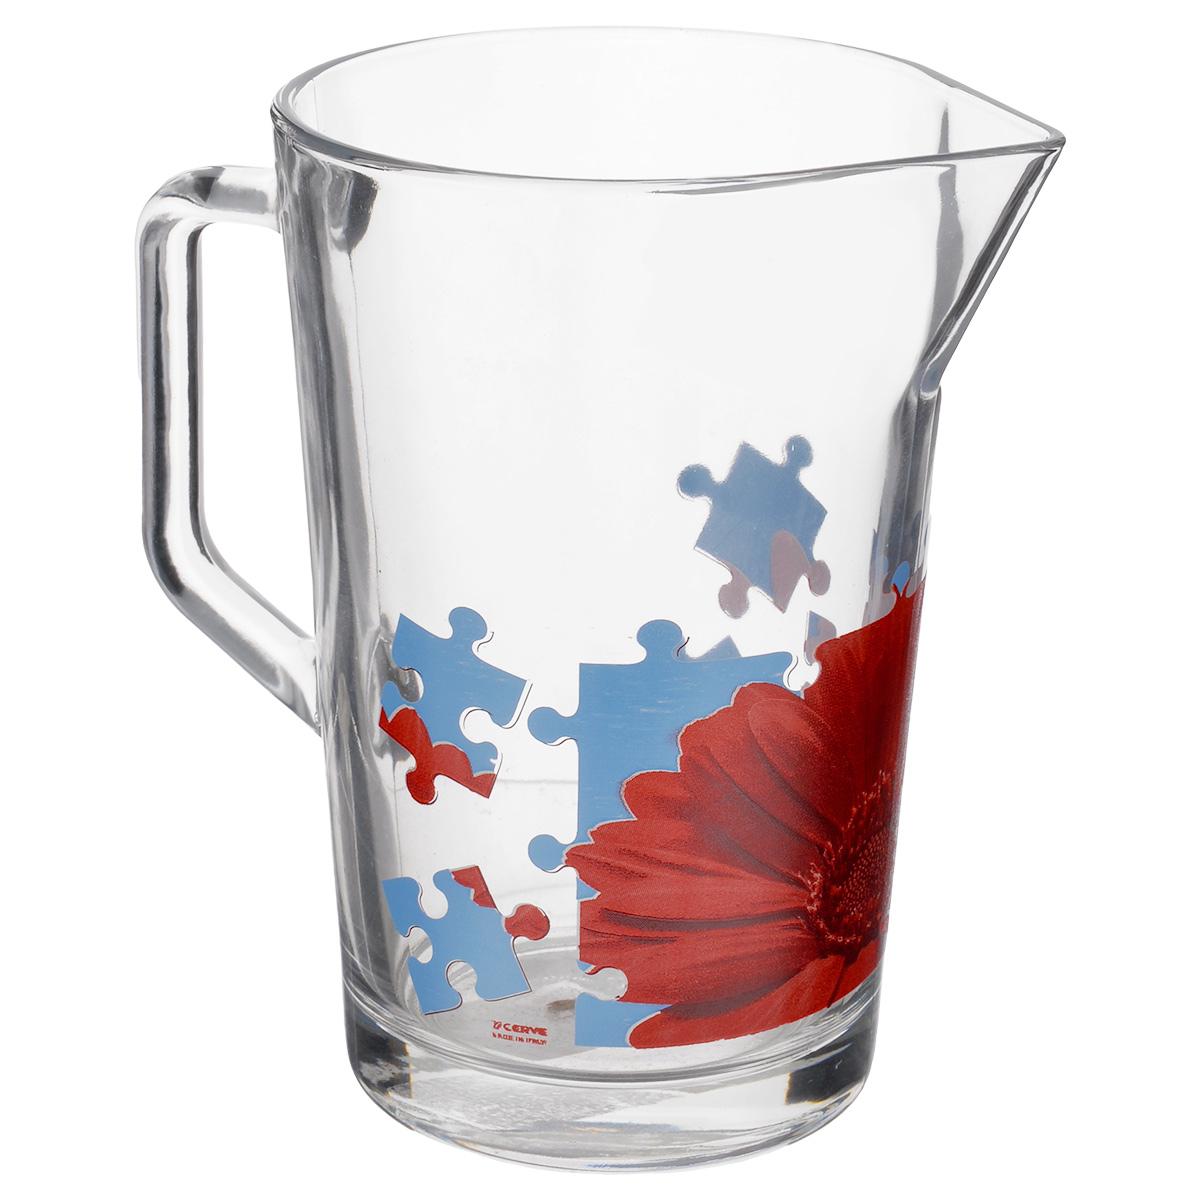 Кувшин Cerve Пазл Гербера, 1,3 лCEM42280Кувшин Cerve Пазл Гербера, выполненный из высококачественного стекла, оформлен изображением герберы в виде пазла. Он оснащен удобной ручкой и прост в использовании, достаточно просто наклонить его и налить ваш любимый напиток. Изделие прекрасно подойдет для подачи воды, сока, компота и других напитков. Кувшин Cerve Пазл Гербера дополнит интерьер вашей кухни и станет замечательным подарком к любому празднику. Диаметр (по верхнему краю): 11,5 см. Высота кувшина: 18 см.